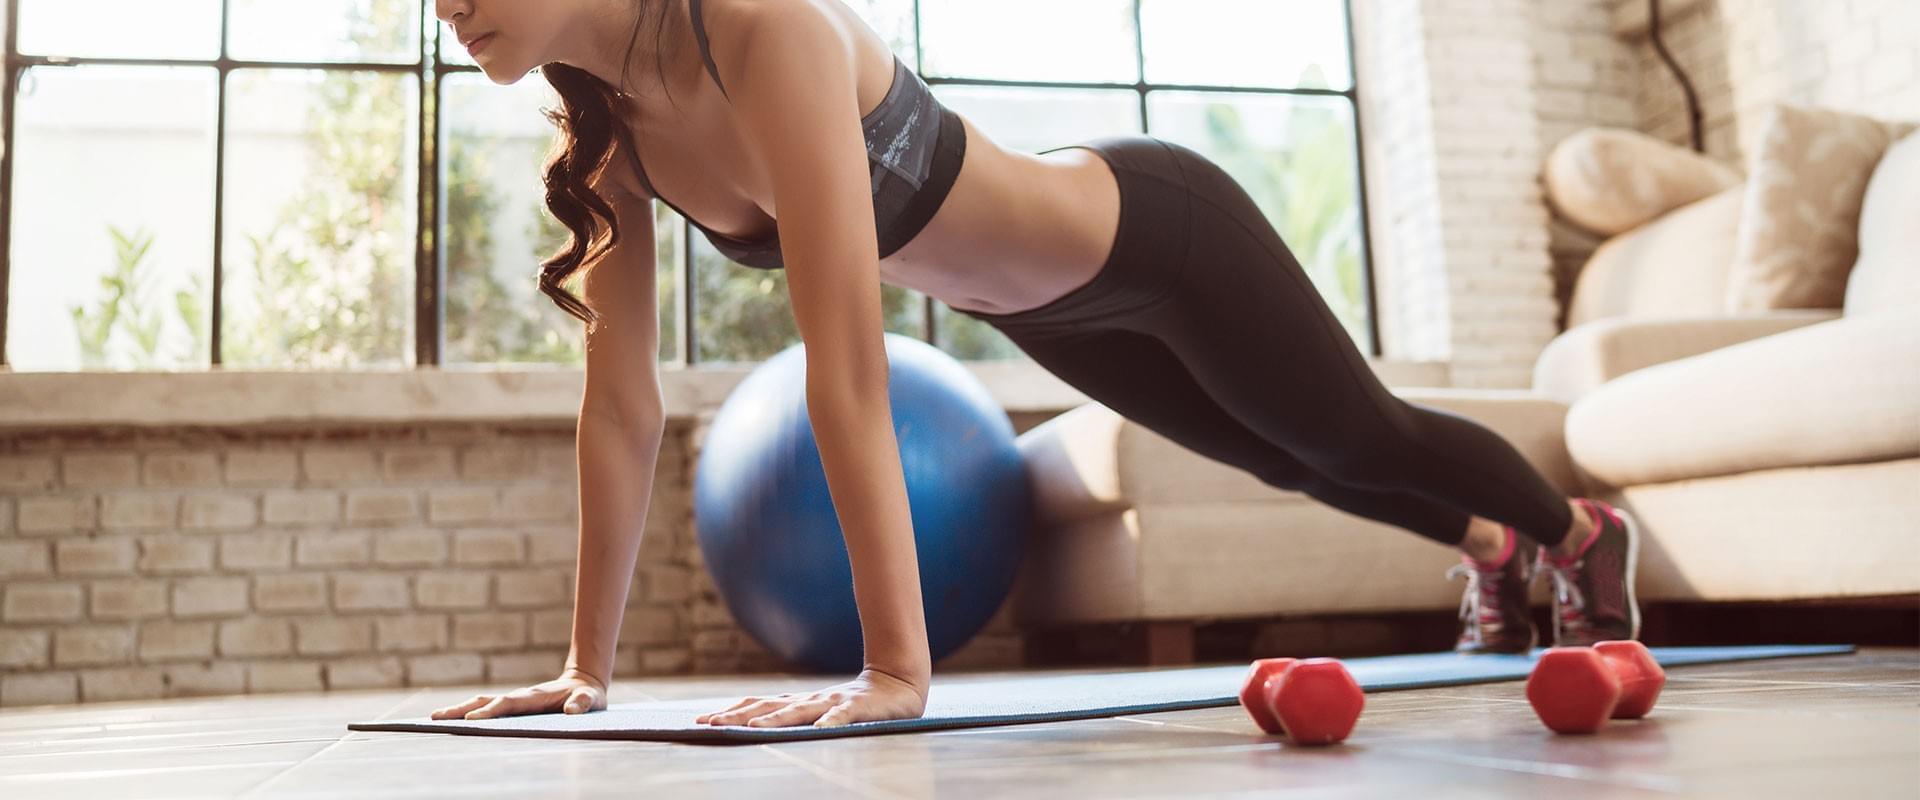 Acquista online tutta l'attrezzatura per fare sport in casa